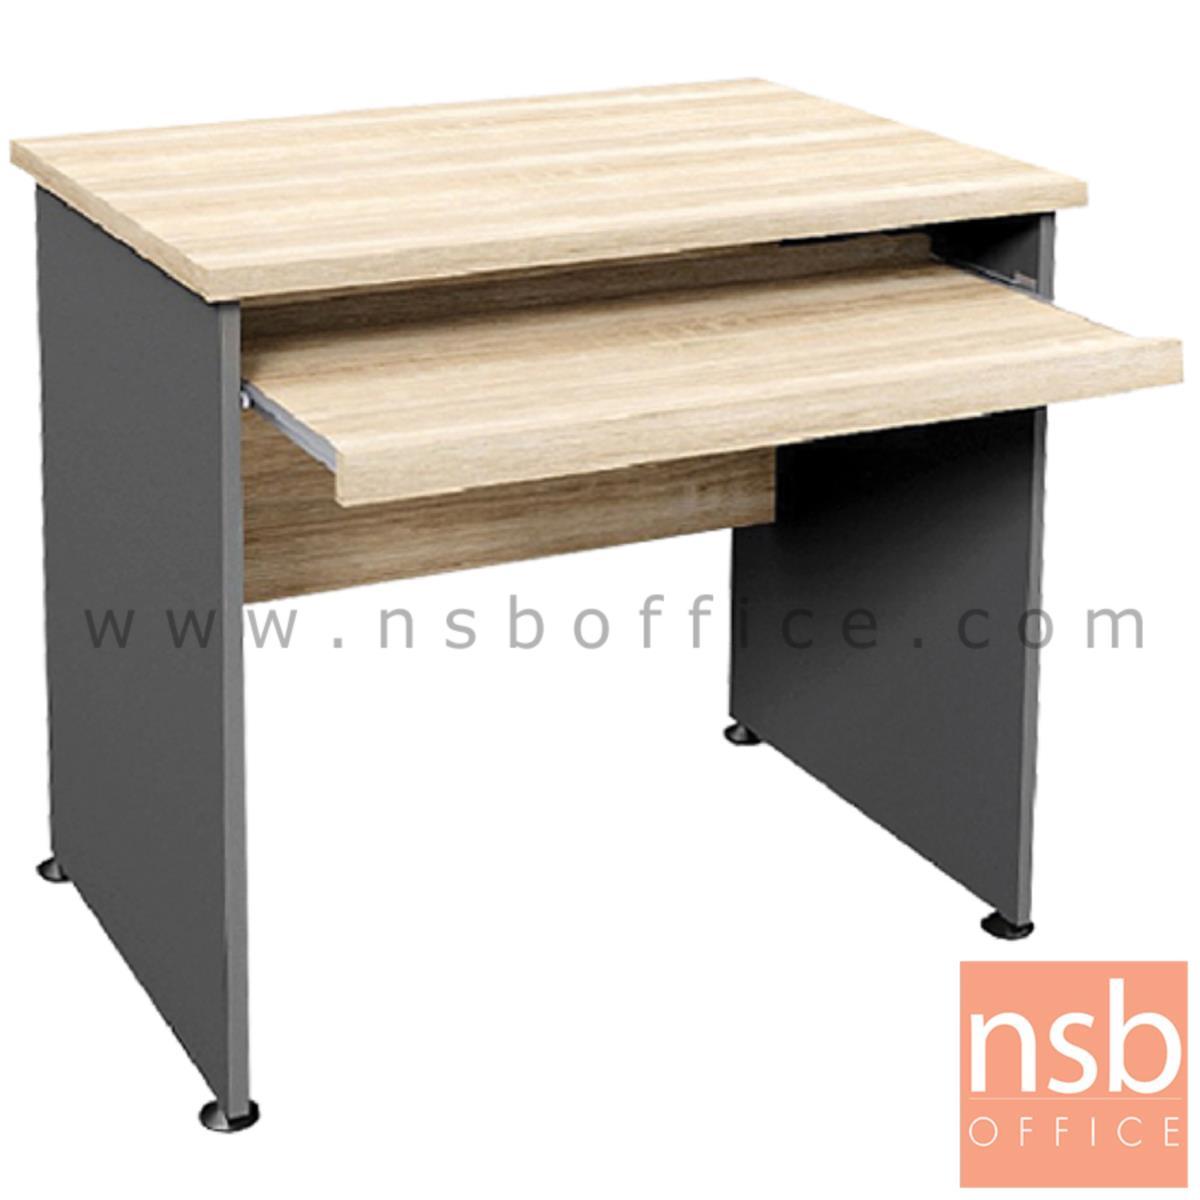 A13A191:โต๊ะคอมพิวเตอร์ รุ่น DCK-860 ขนาด 80W cm. พร้อมรางคีบอร์ด สีแกรนโอ๊คตัดกราไฟท์